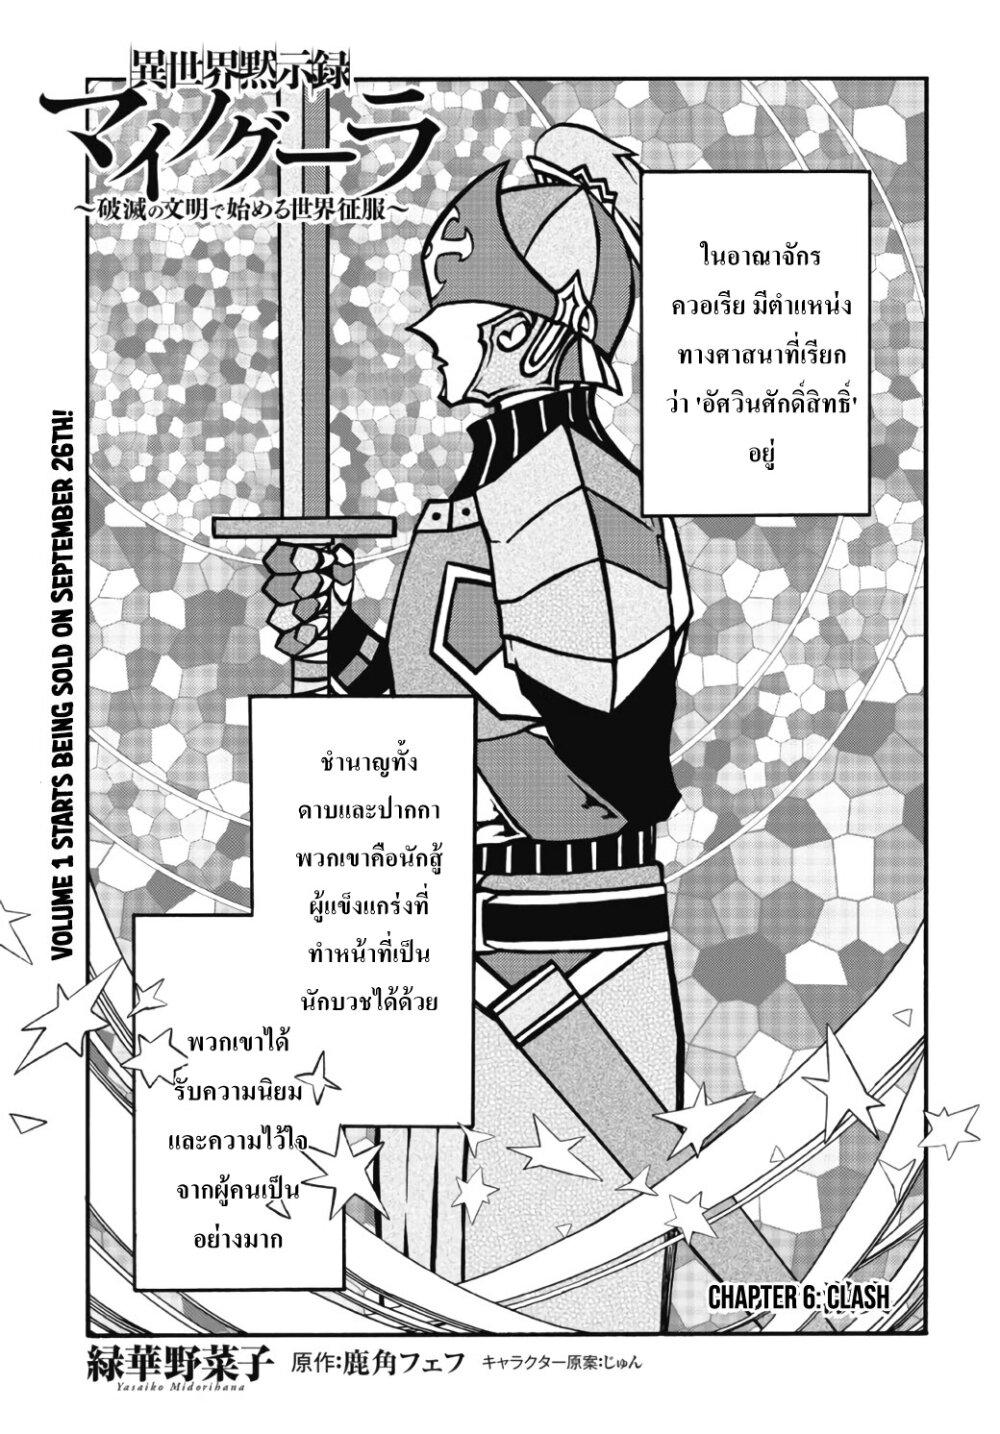 อ่านการ์ตูน Isekai Apocalypse MYNOGHRA ~The Conquest of the World Starts With the Civilization of Ruin~ ตอนที่ 6 หน้าที่ 2